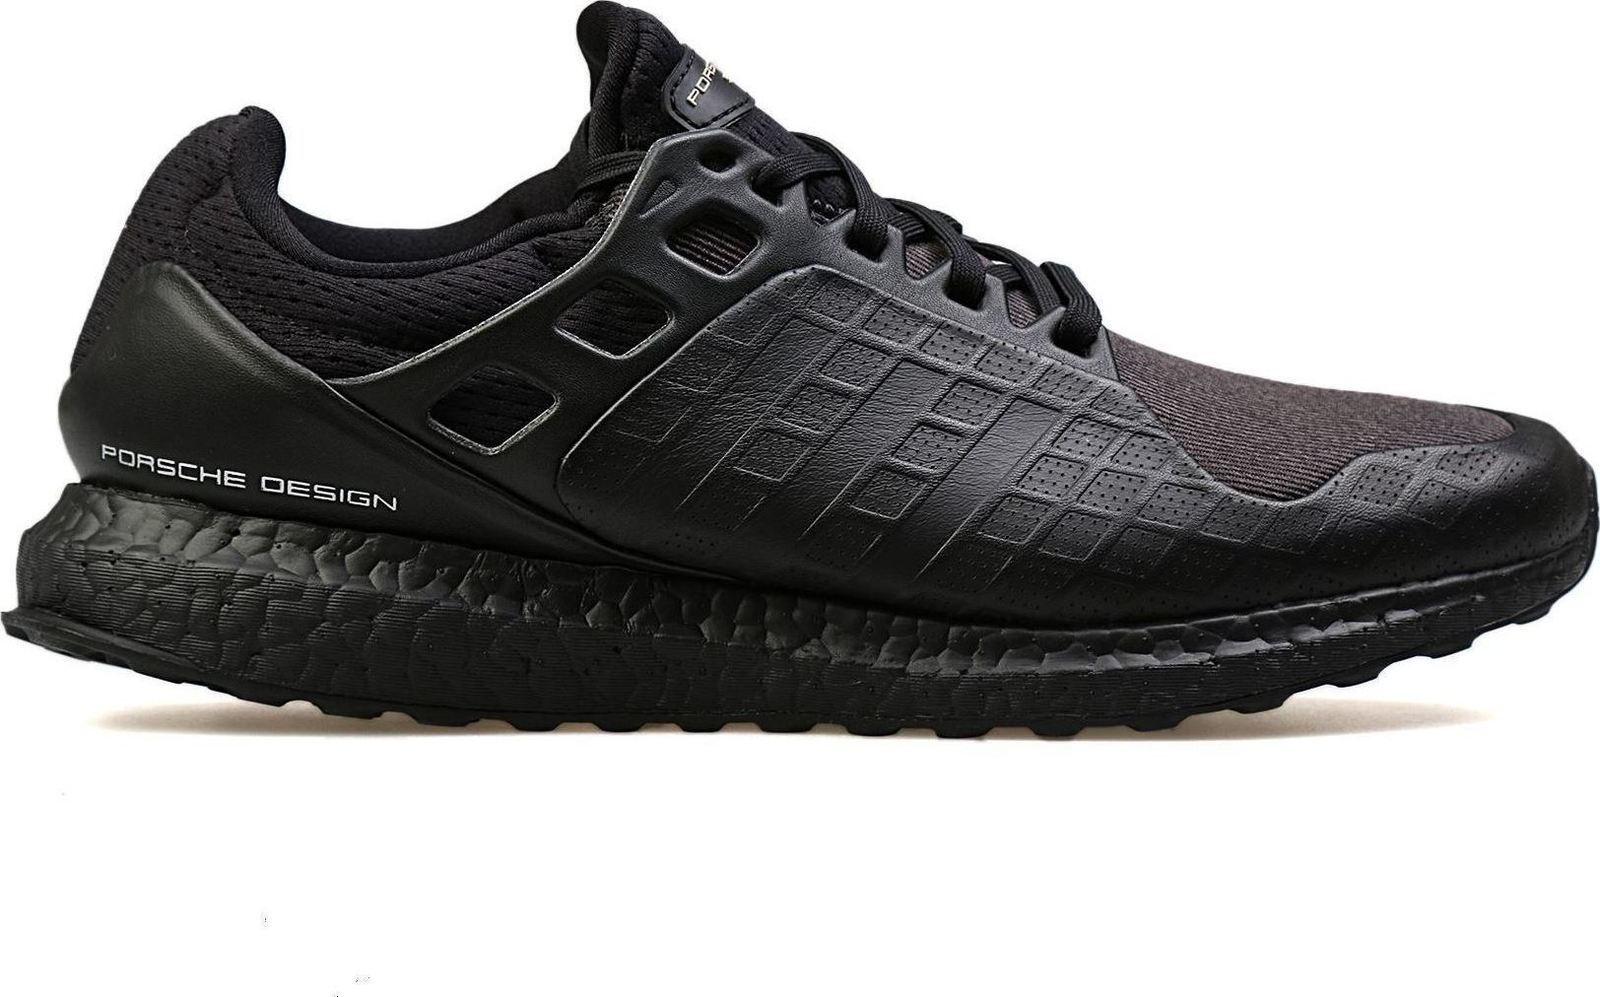 ccb0d82b0f1a Προσθήκη στα αγαπημένα menu Adidas Ultra Boost Trainer S81203